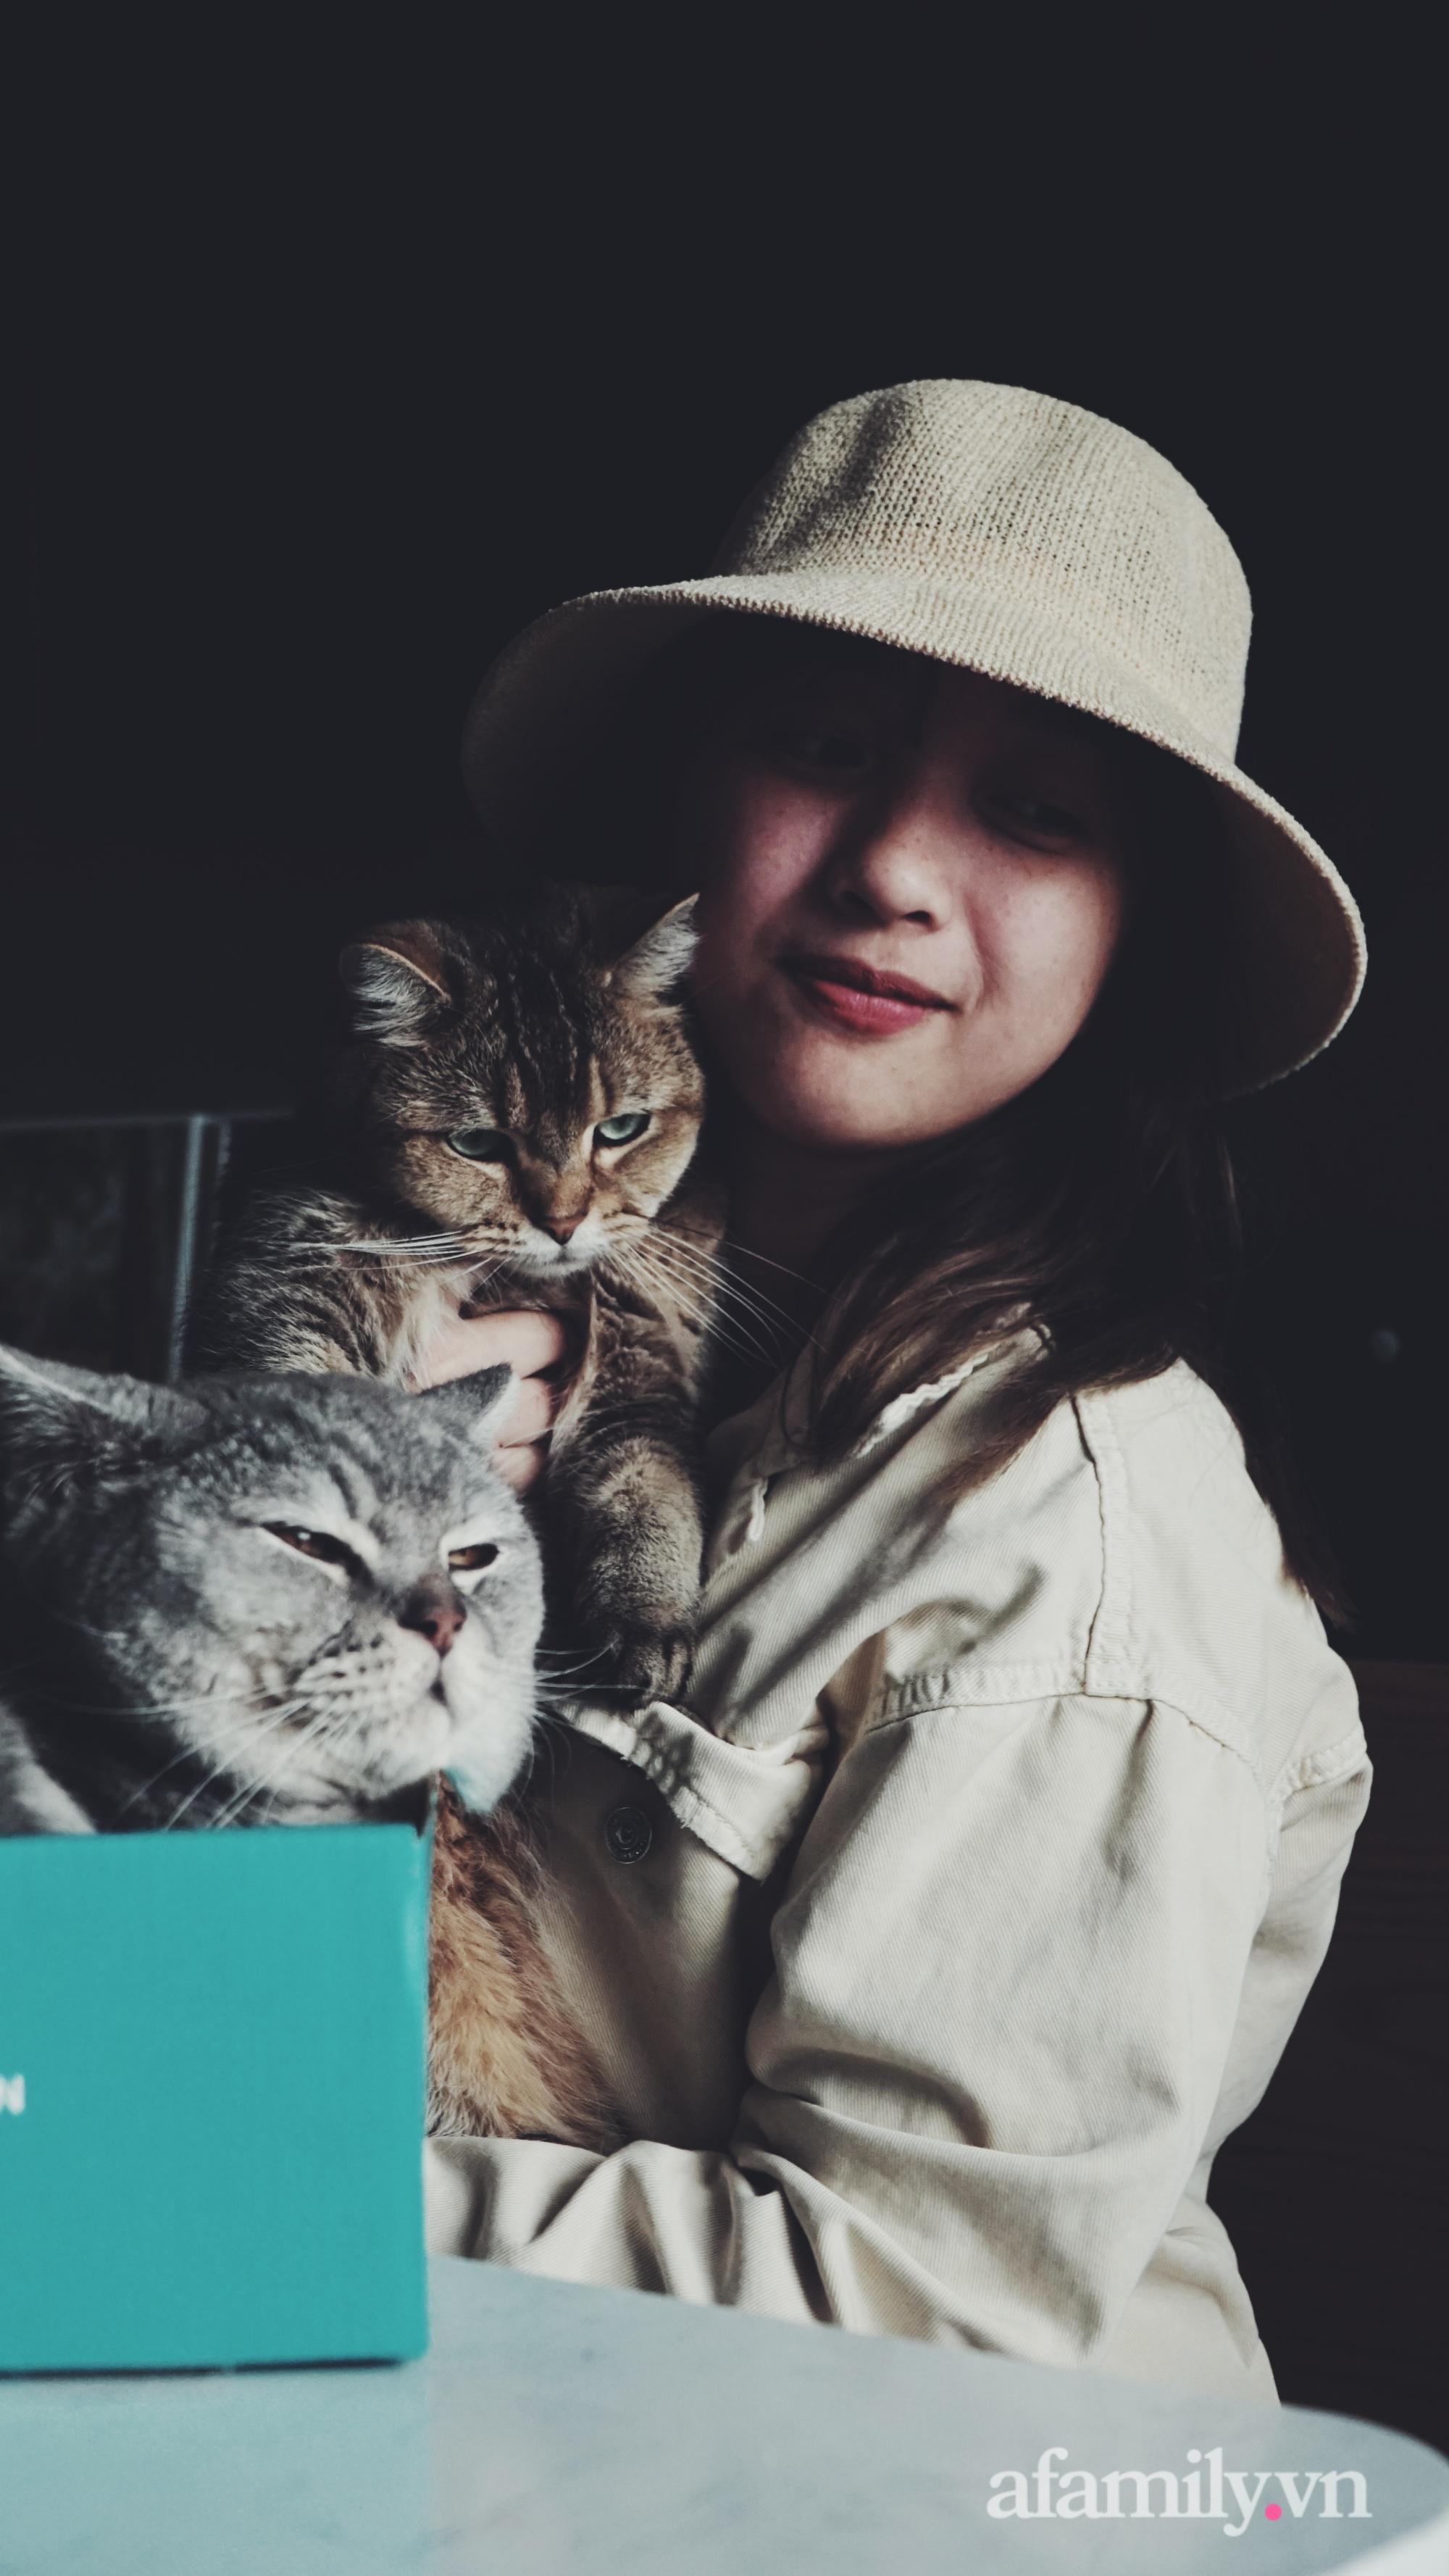 Chi 200 triệu đồng, blogger du lịch Sài Gòn thiết kế căn hộ tối giản rộng 83m² đẹp không góc chết nhờ đặt ra 5 nguyên tắc vàng - Ảnh 23.